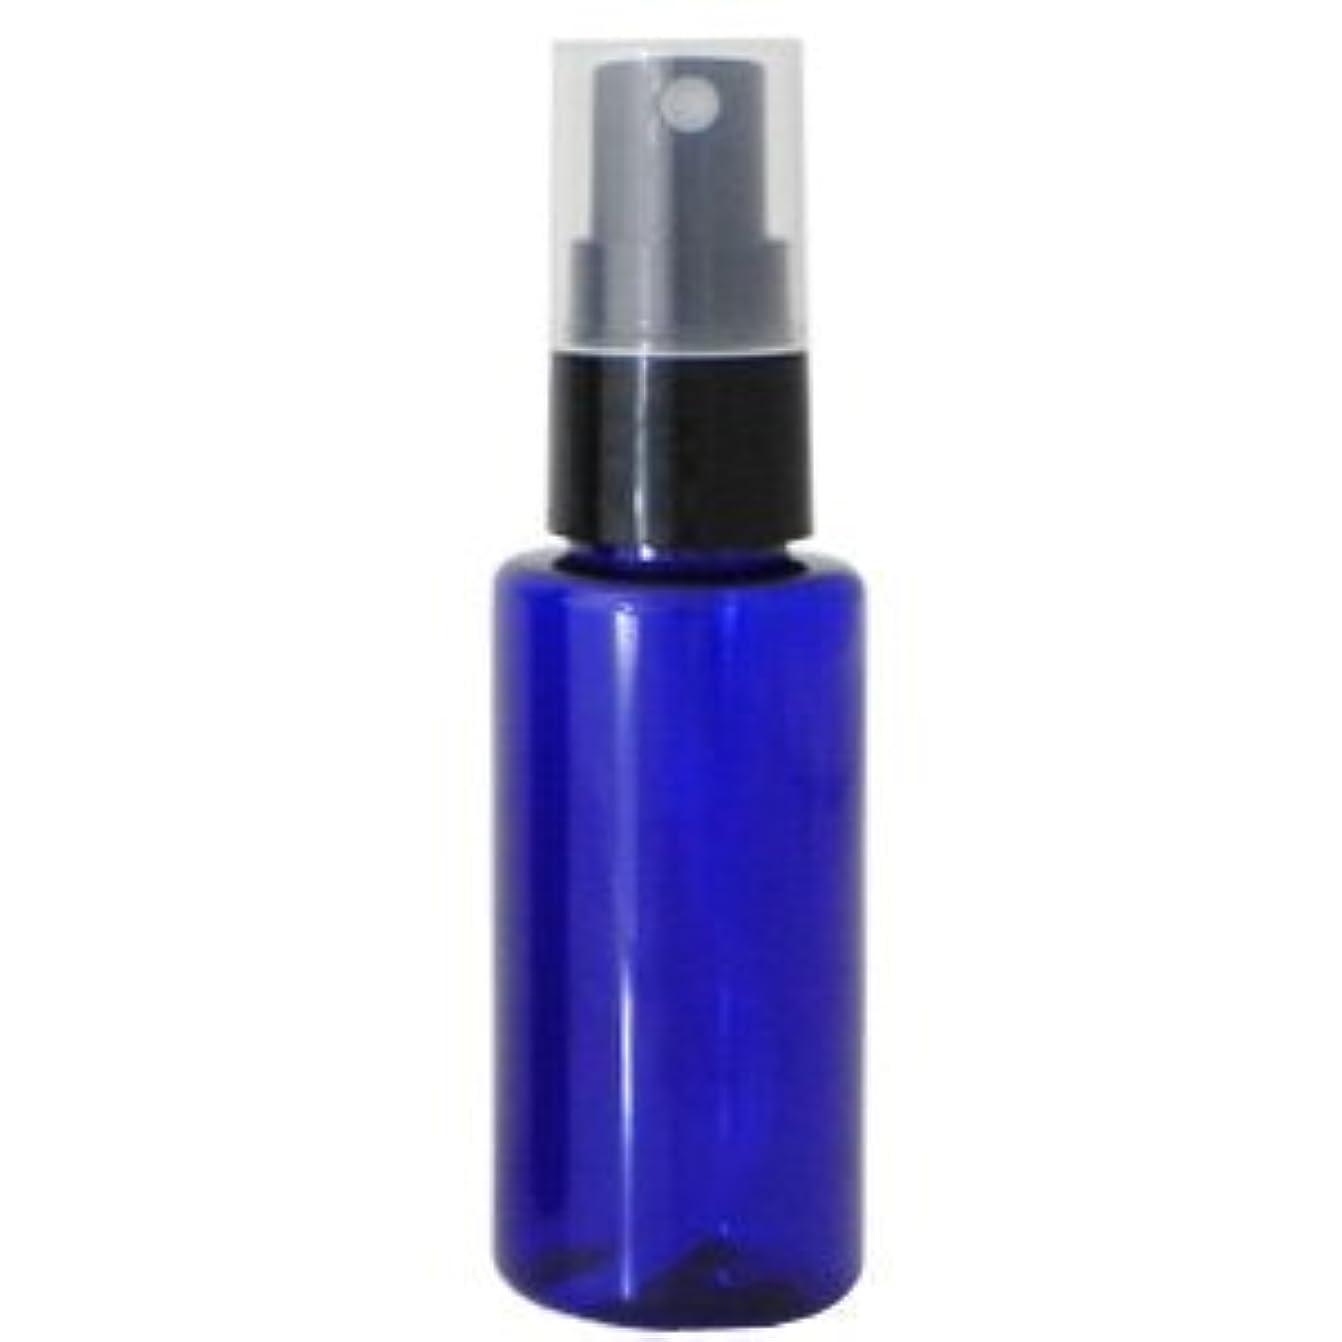 指標減る本PETボトル スプレー コバルトブルー (青) 50ml